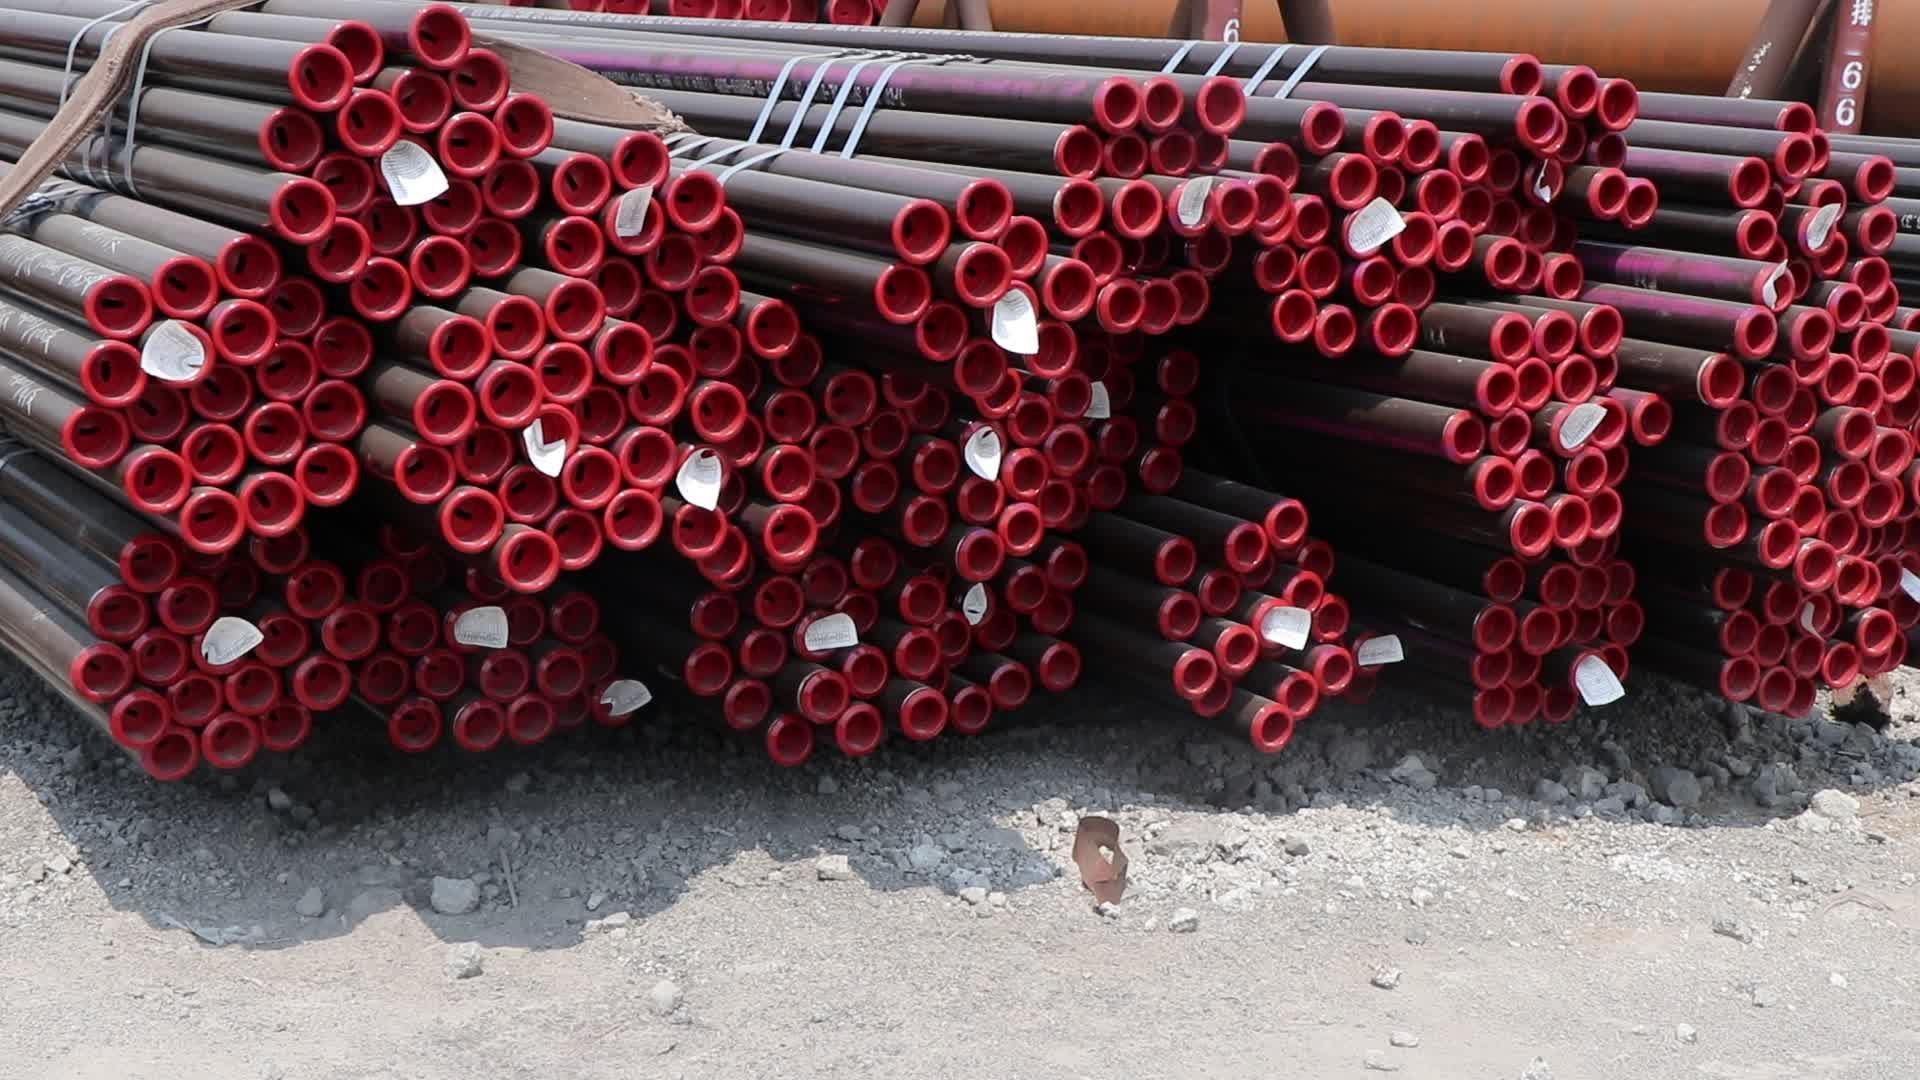 Thép carbon liền mạch ống complaince API 5L asme B36.10M lớp B để X70